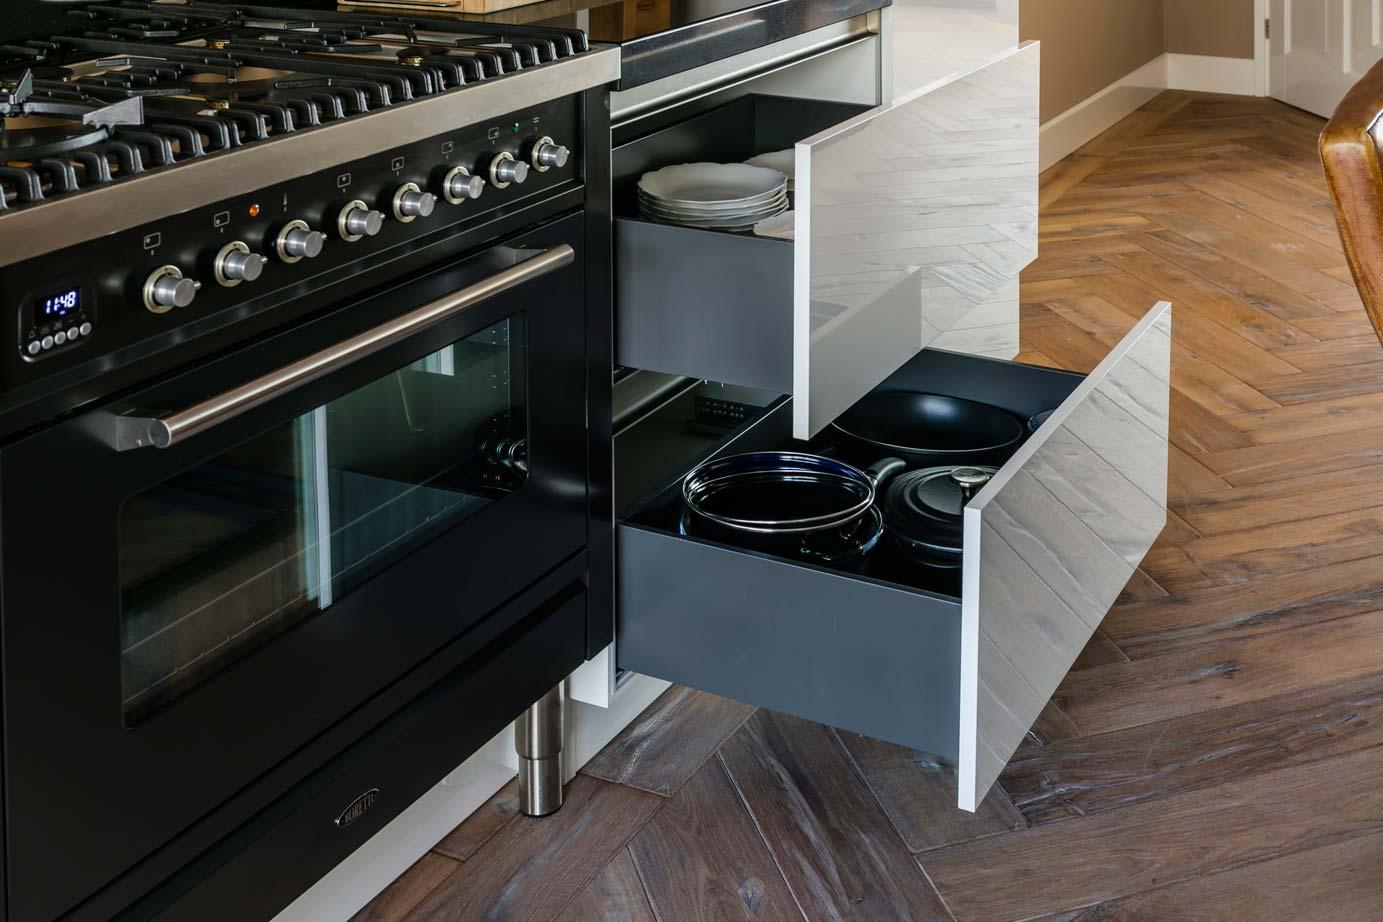 Moderne keuken op urk kopen lees deze klantervaring arma